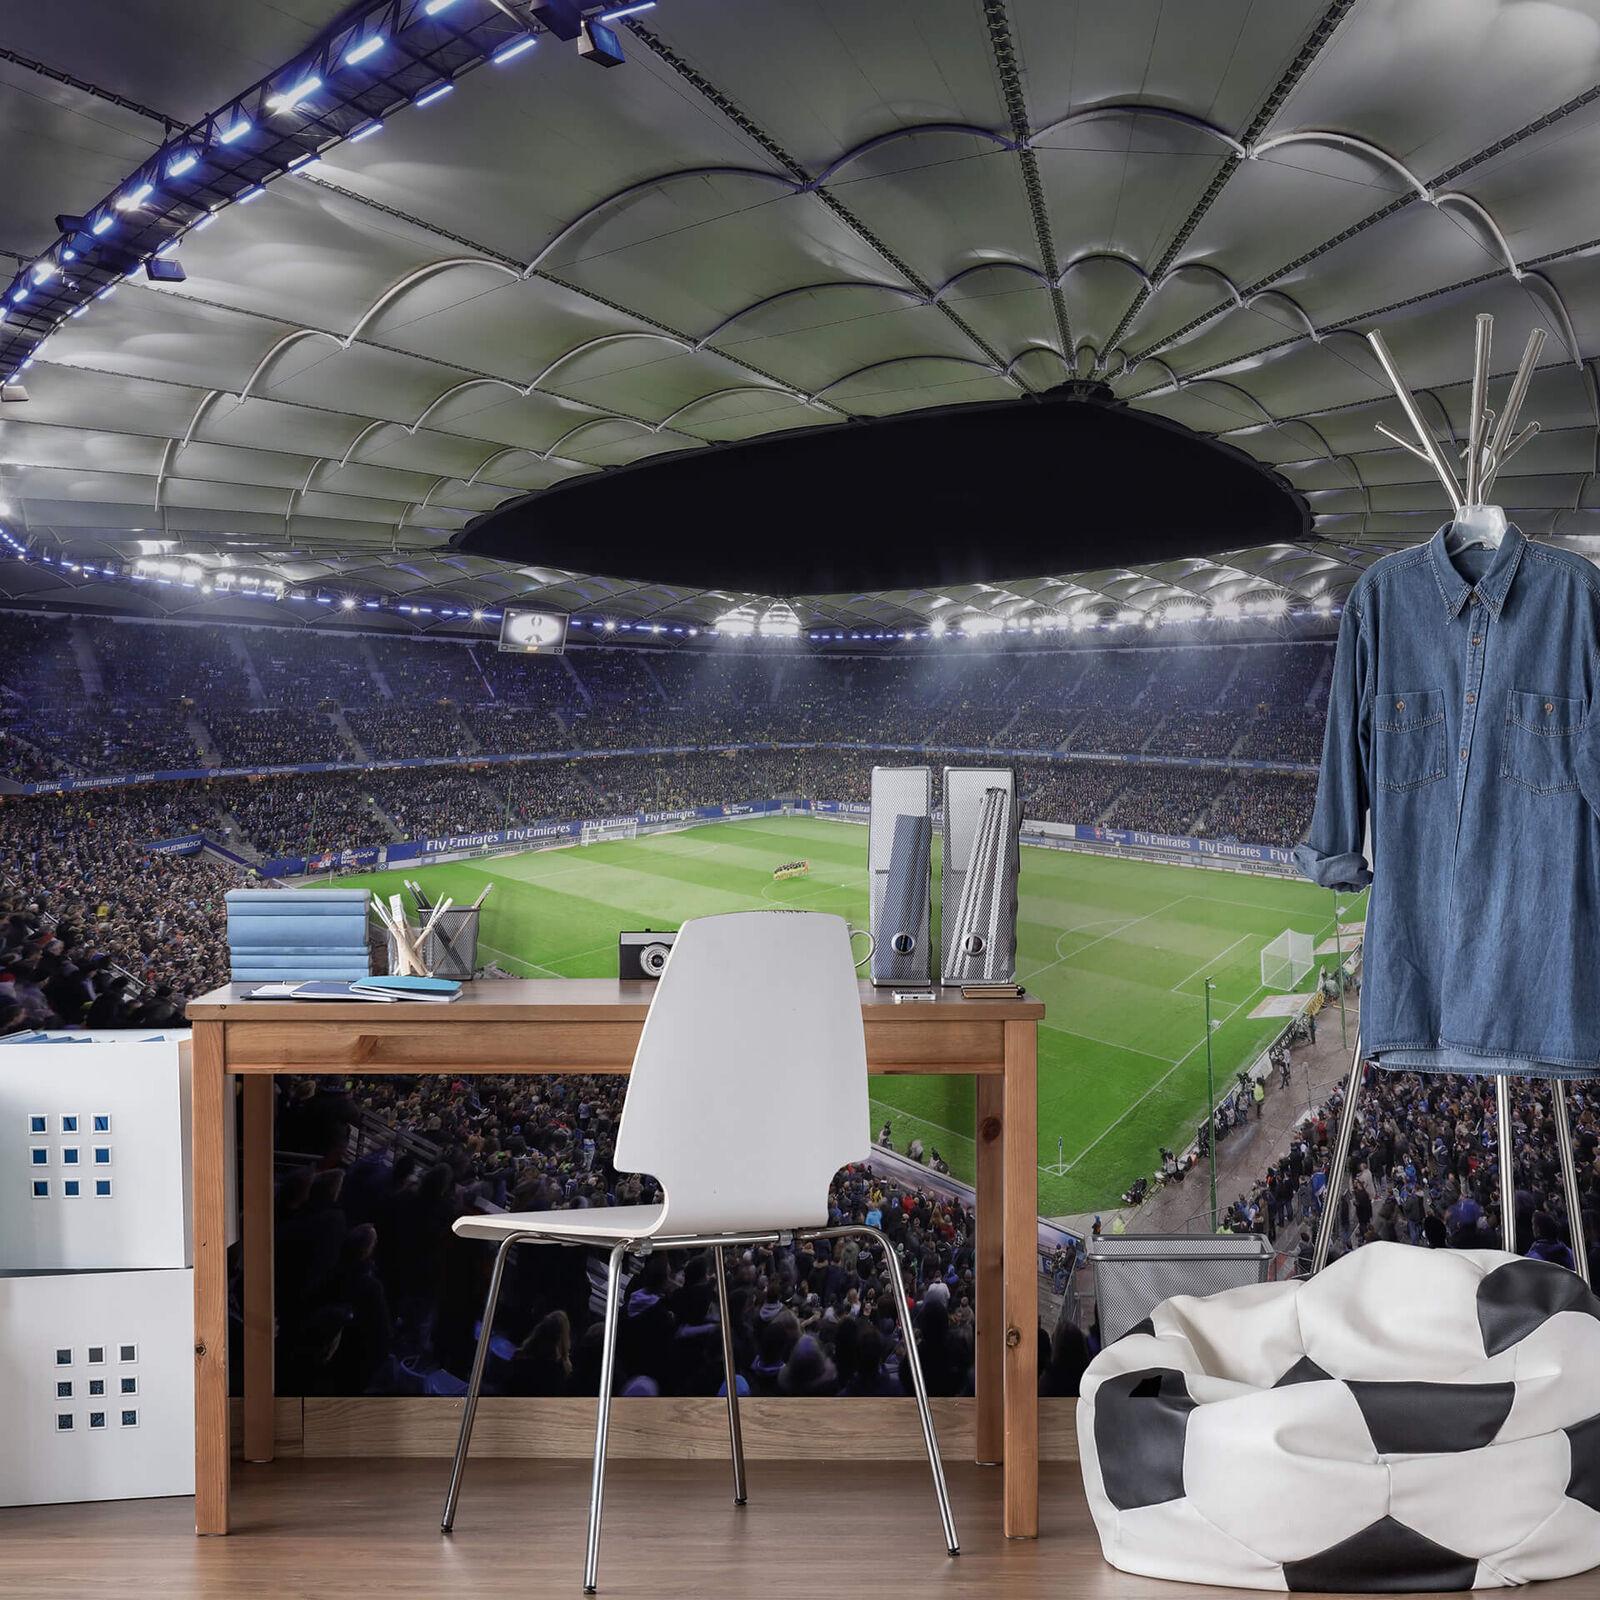 Fototapete Hamburger SV im Stadion bei Nacht  336x260 cm VLIESTAPETE HSV FANSHOP  | Düsseldorf Eröffnung